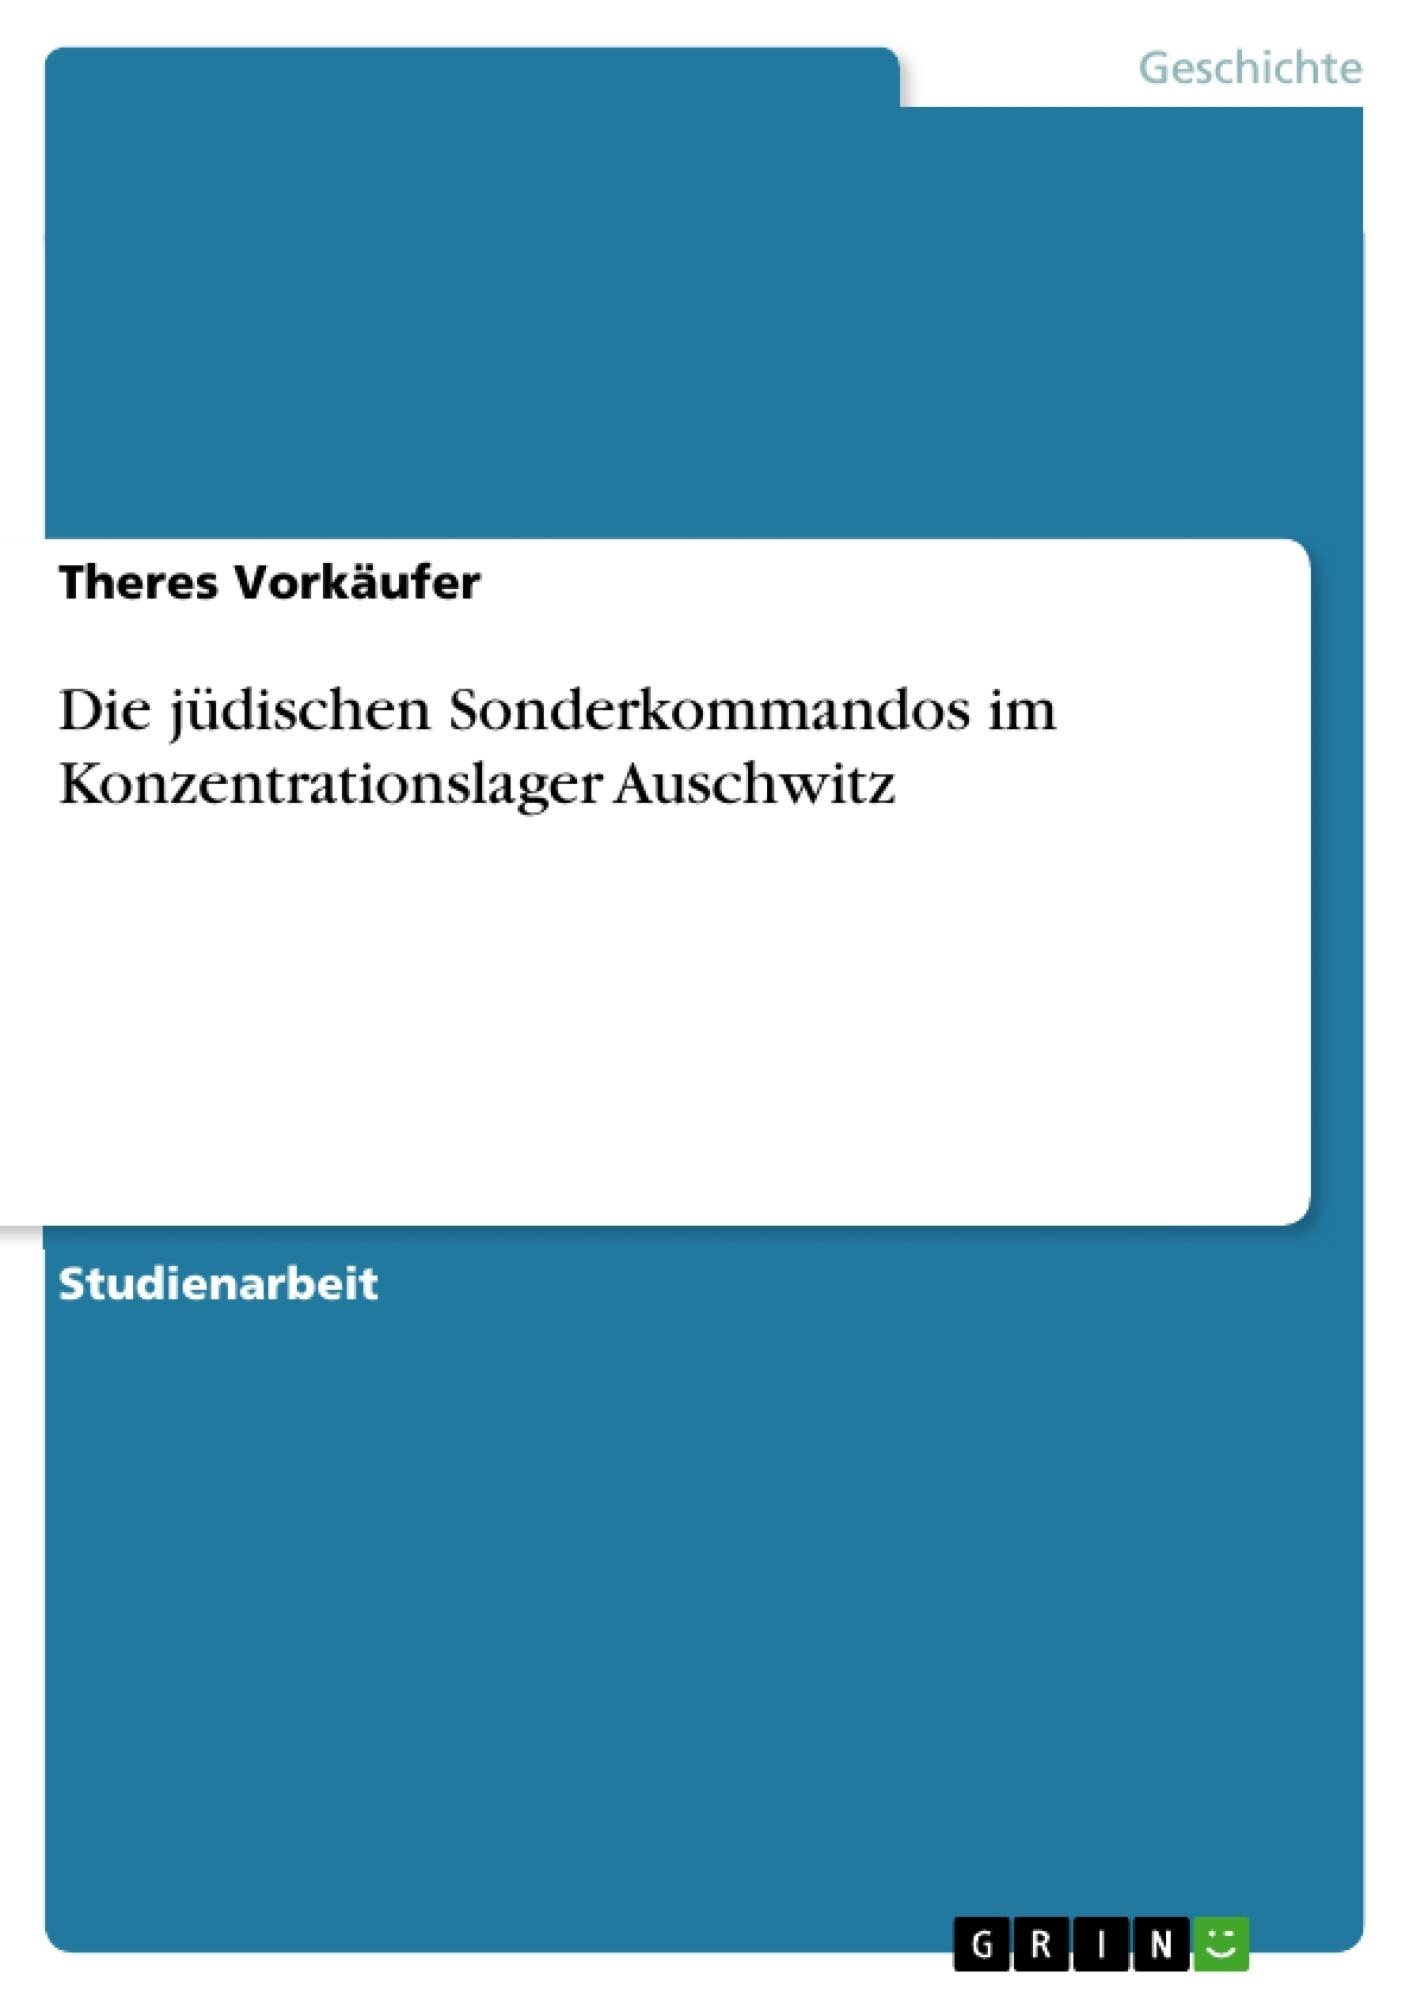 Titel: Die jüdischen Sonderkommandos im Konzentrationslager Auschwitz